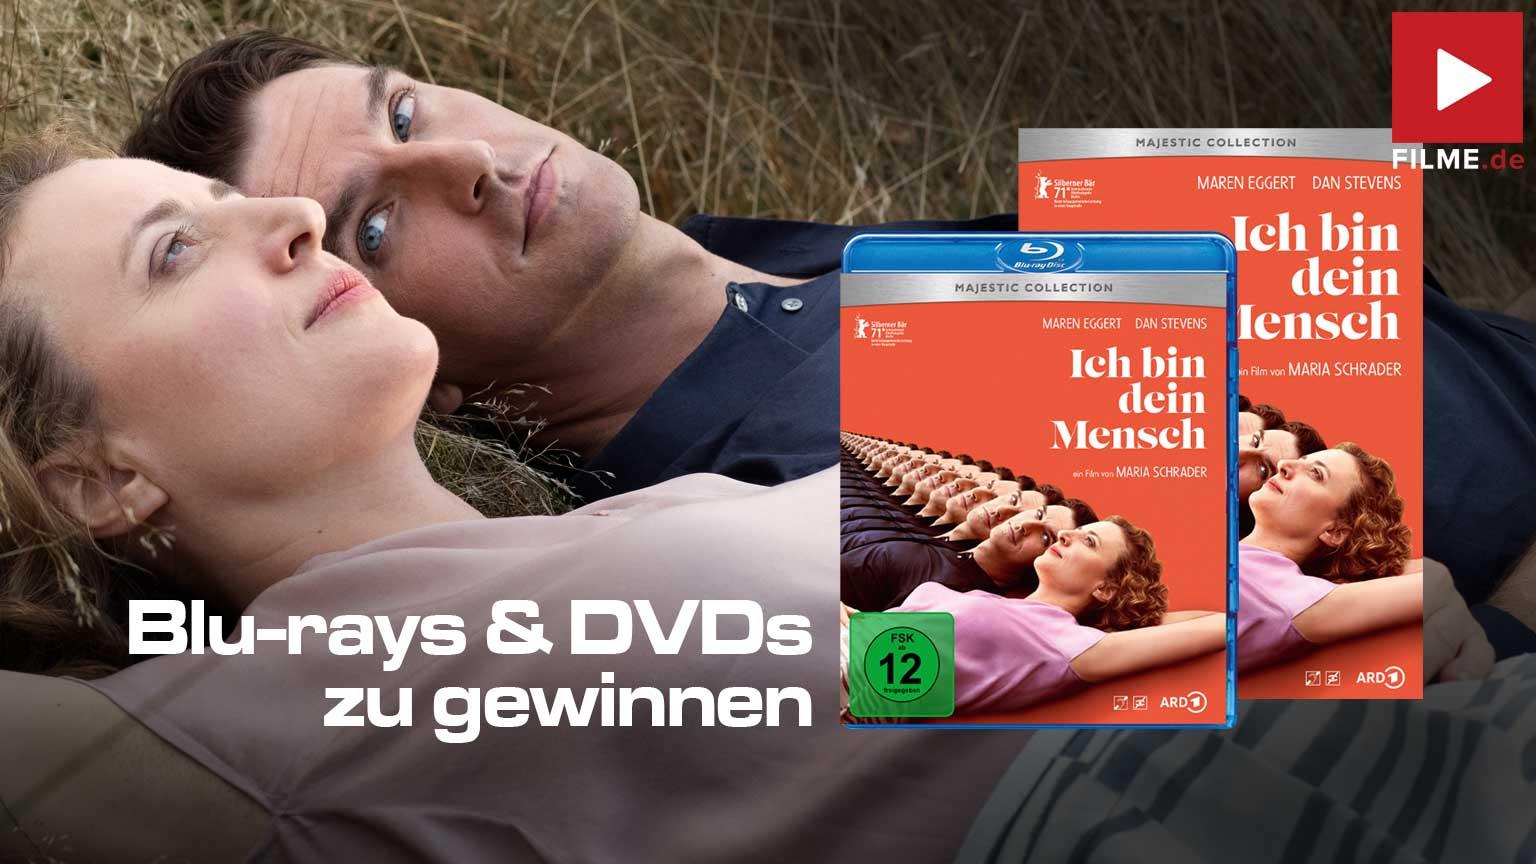 Ich bin den Mensch Film Lola Erfolg DVD Blu-ray Gewinnspiel gewinnen Artikelbild